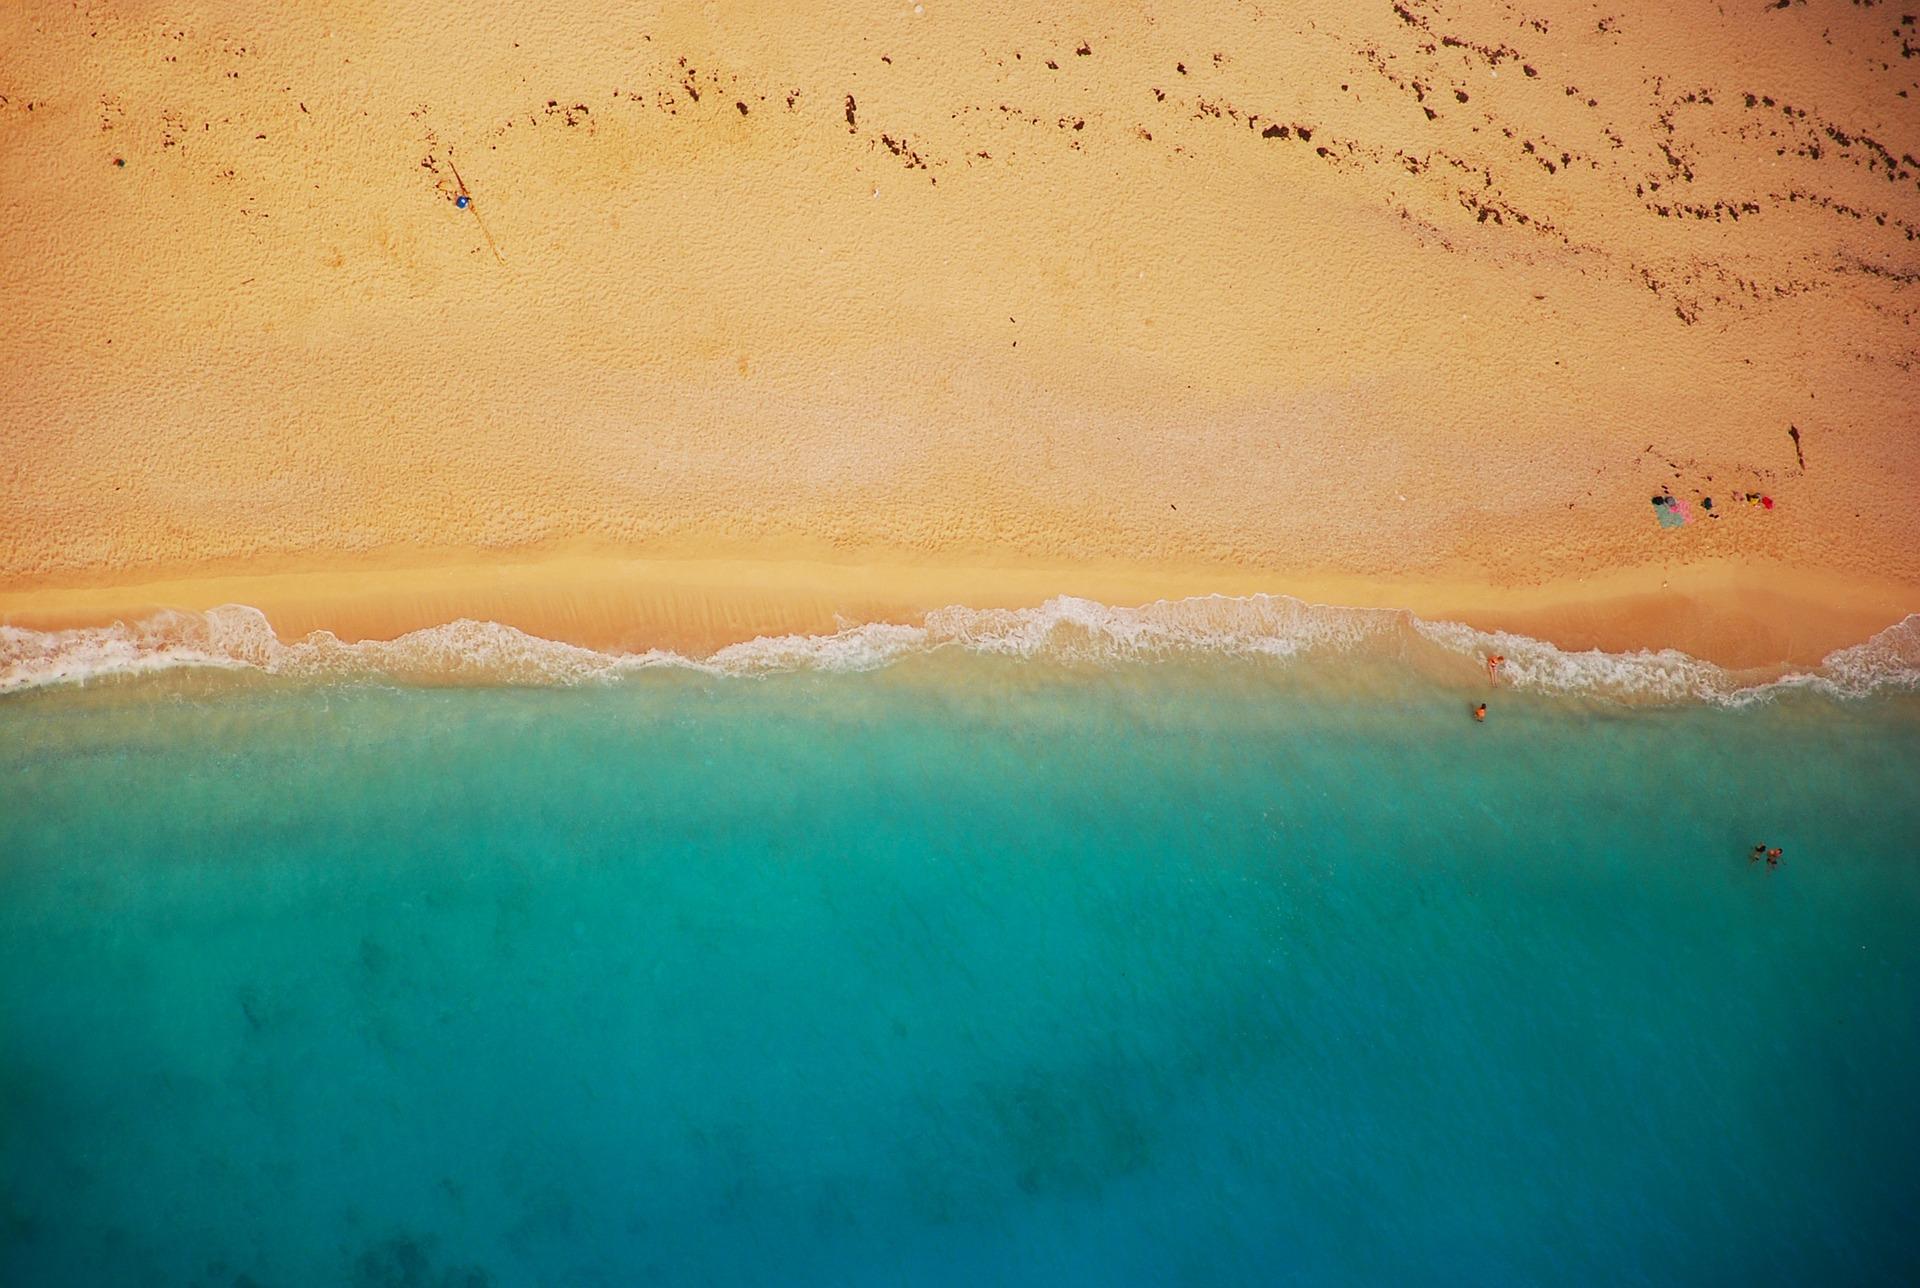 beach-832346_1920.jpg